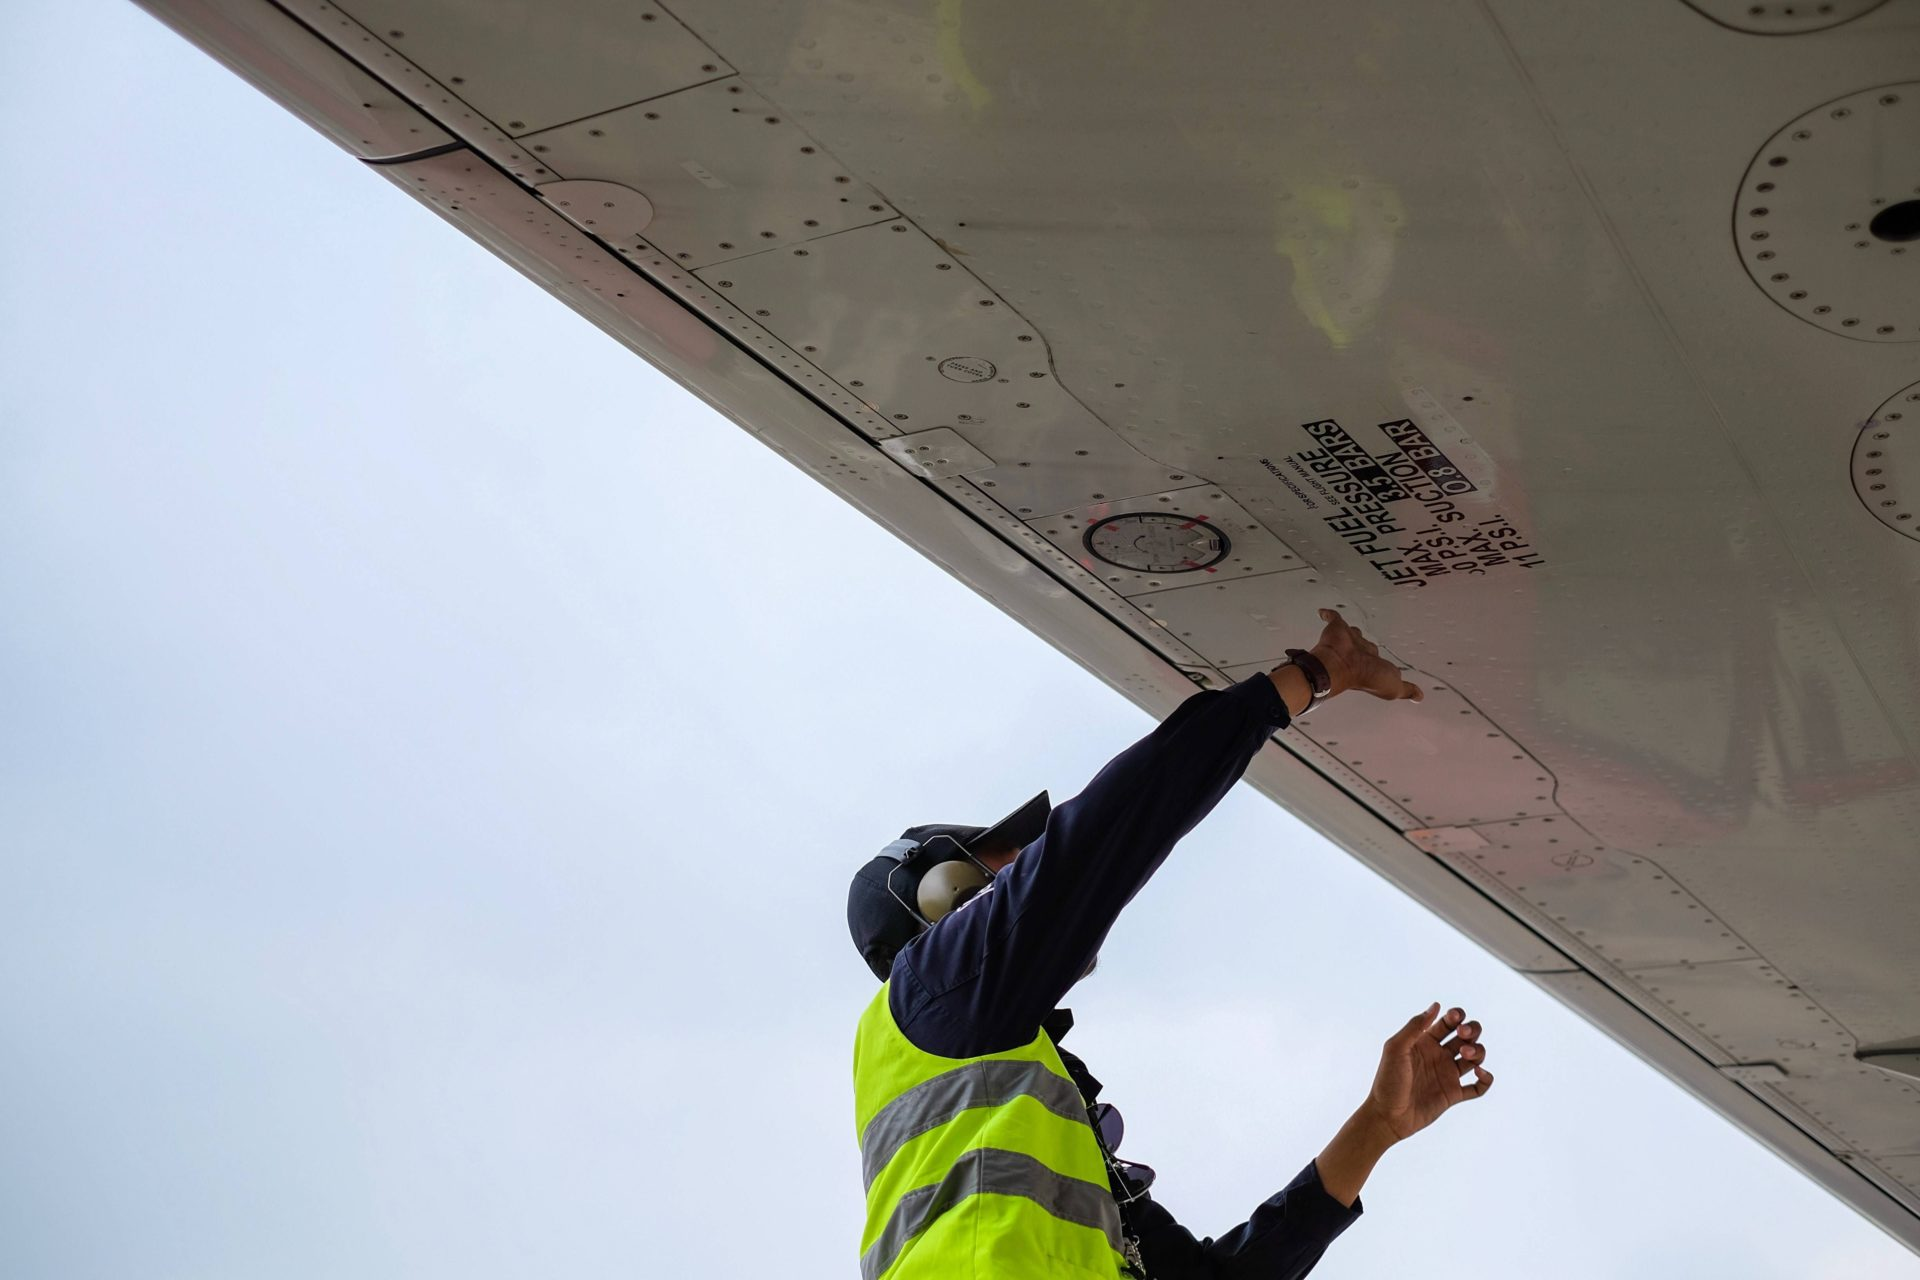 manutencao aviao